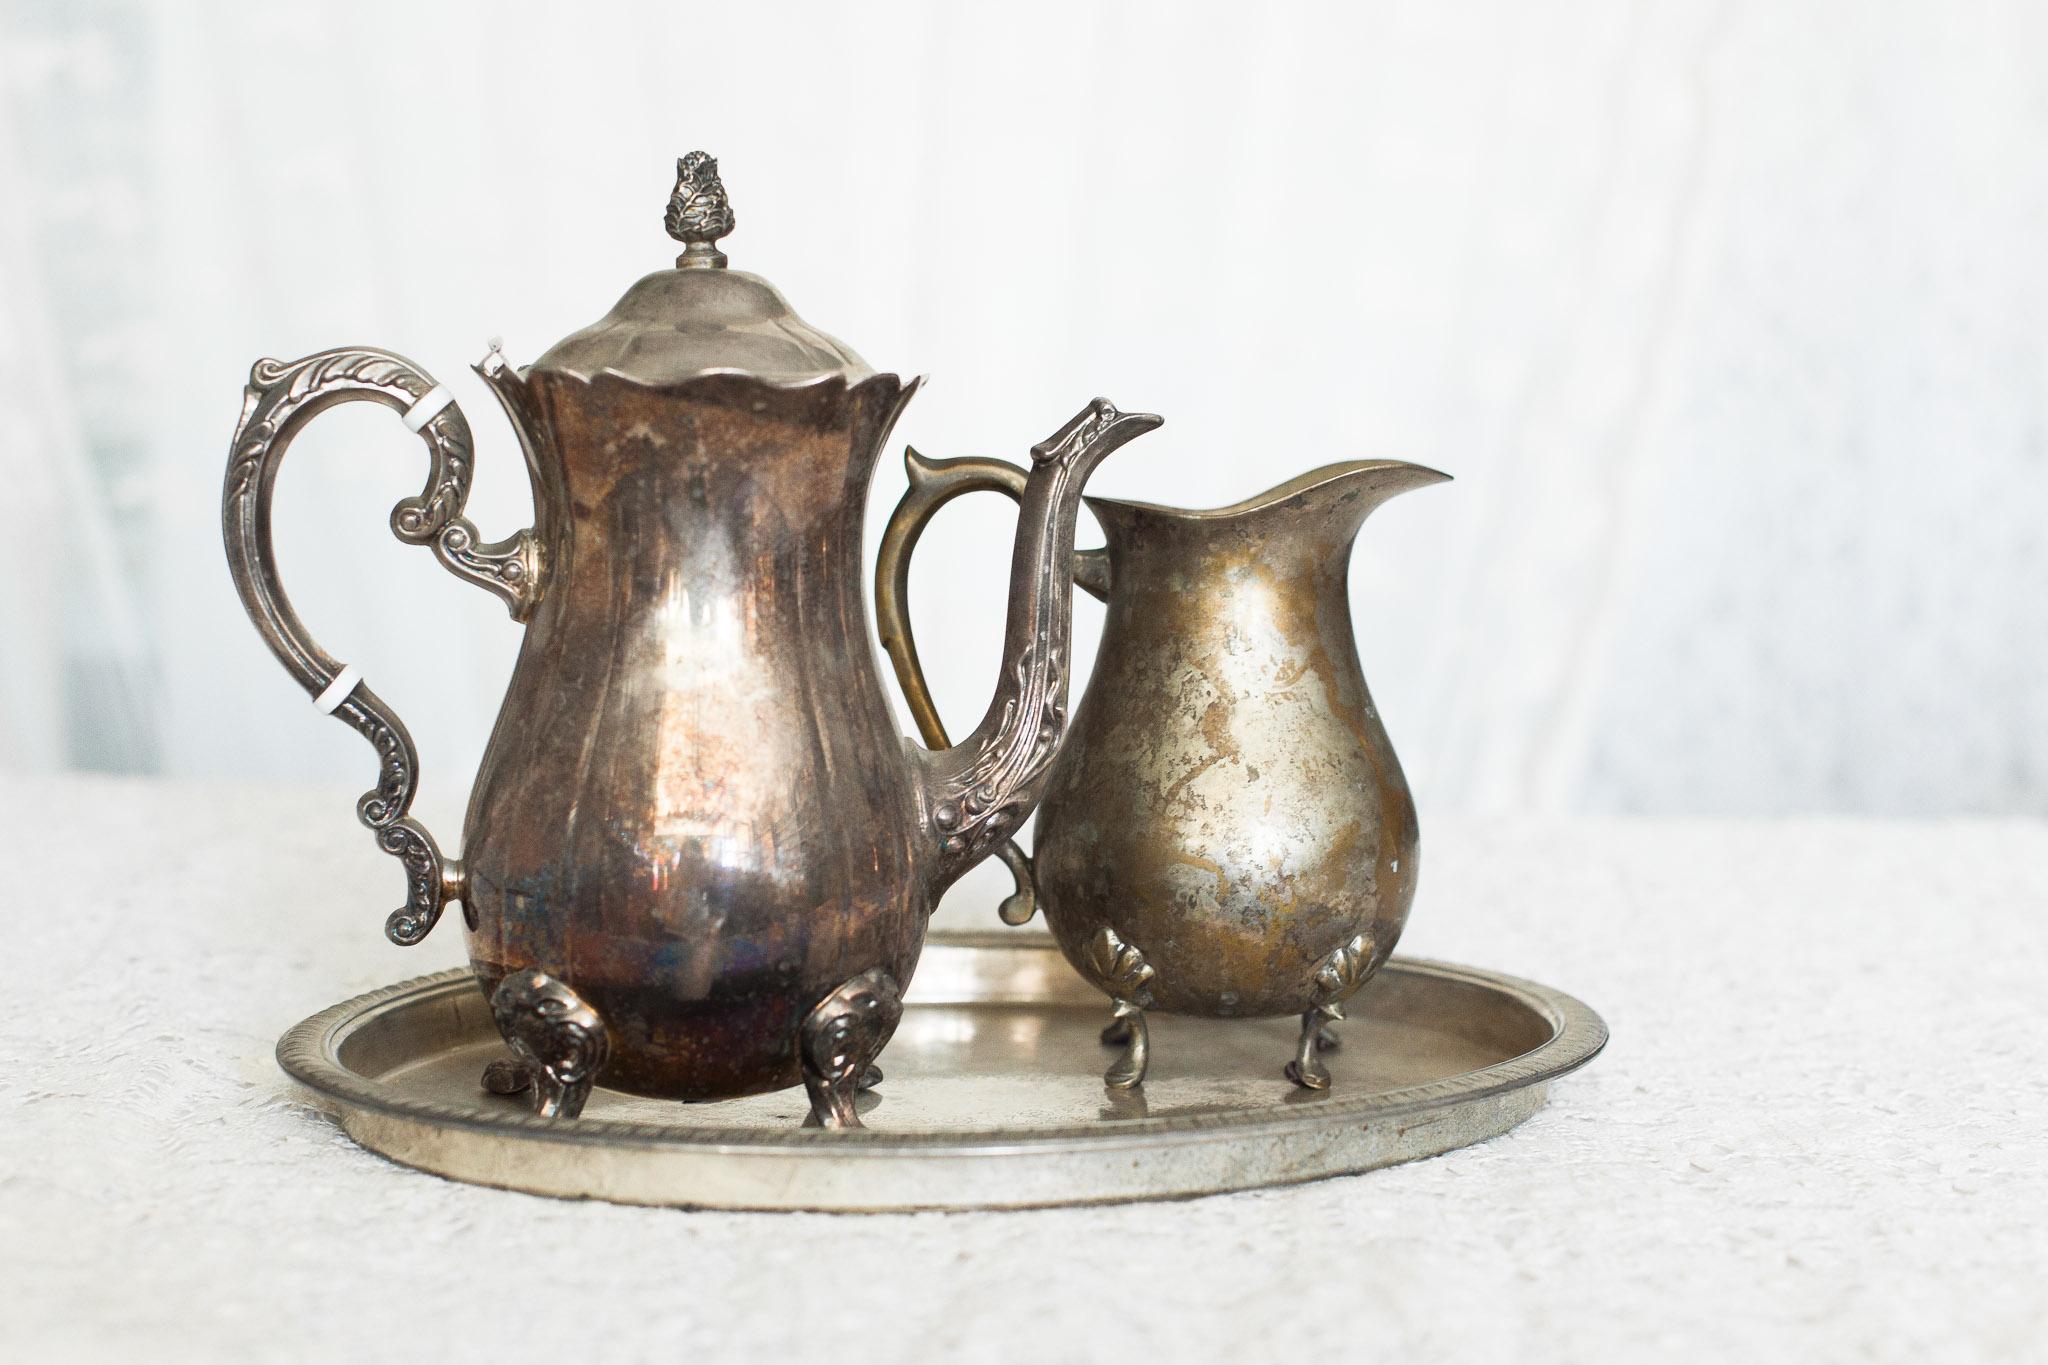 Antique Accessories